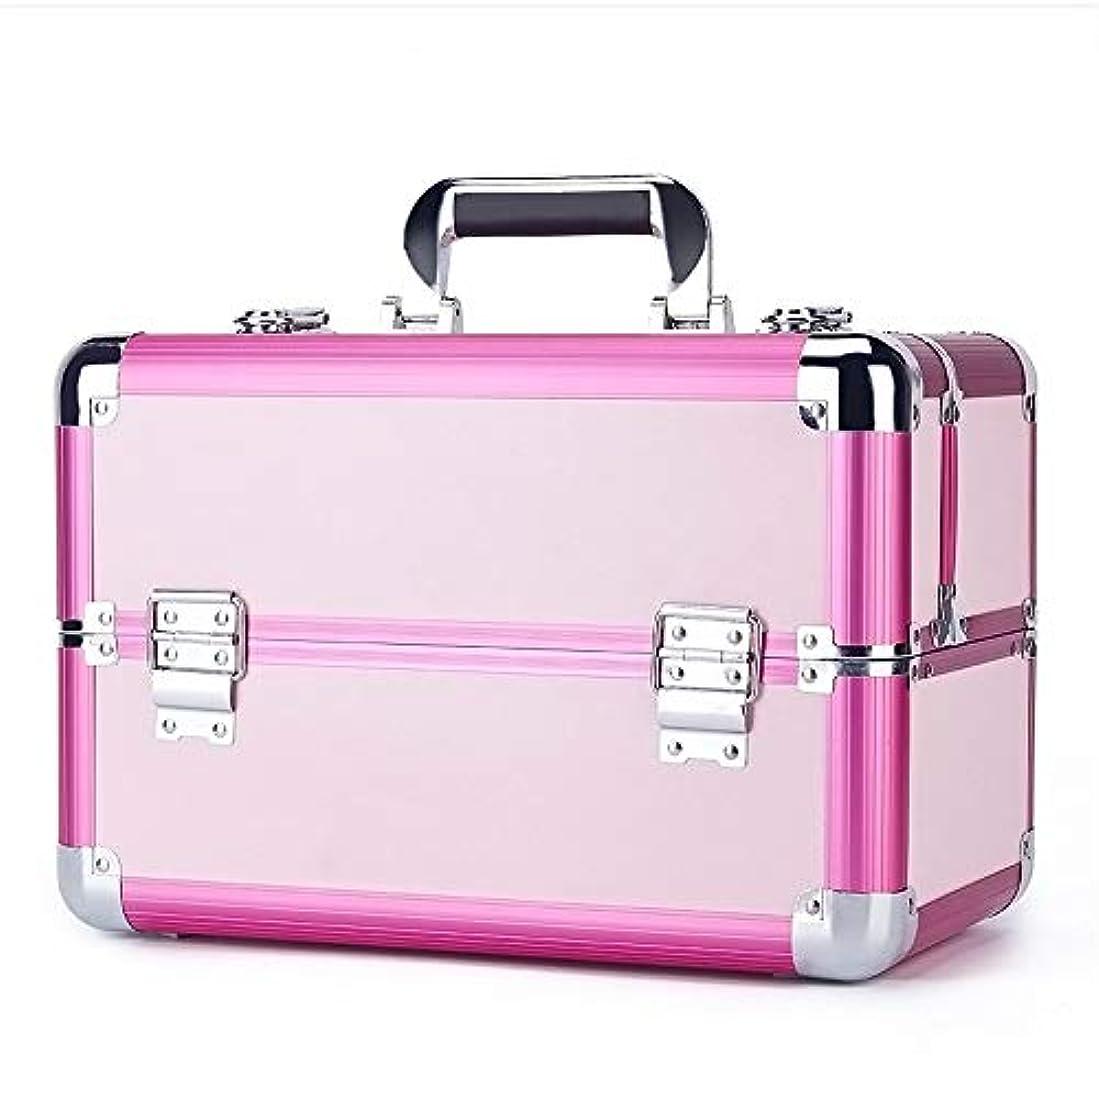 汚れた大陸オプショナル化粧オーガナイザーバッグ 旅行メイクアップバッグパターンメイクアップアーティストケーストレインボックス化粧品オーガナイザー収納用十代の女の子女性アーティスト 化粧品ケース (色 : ピンク)